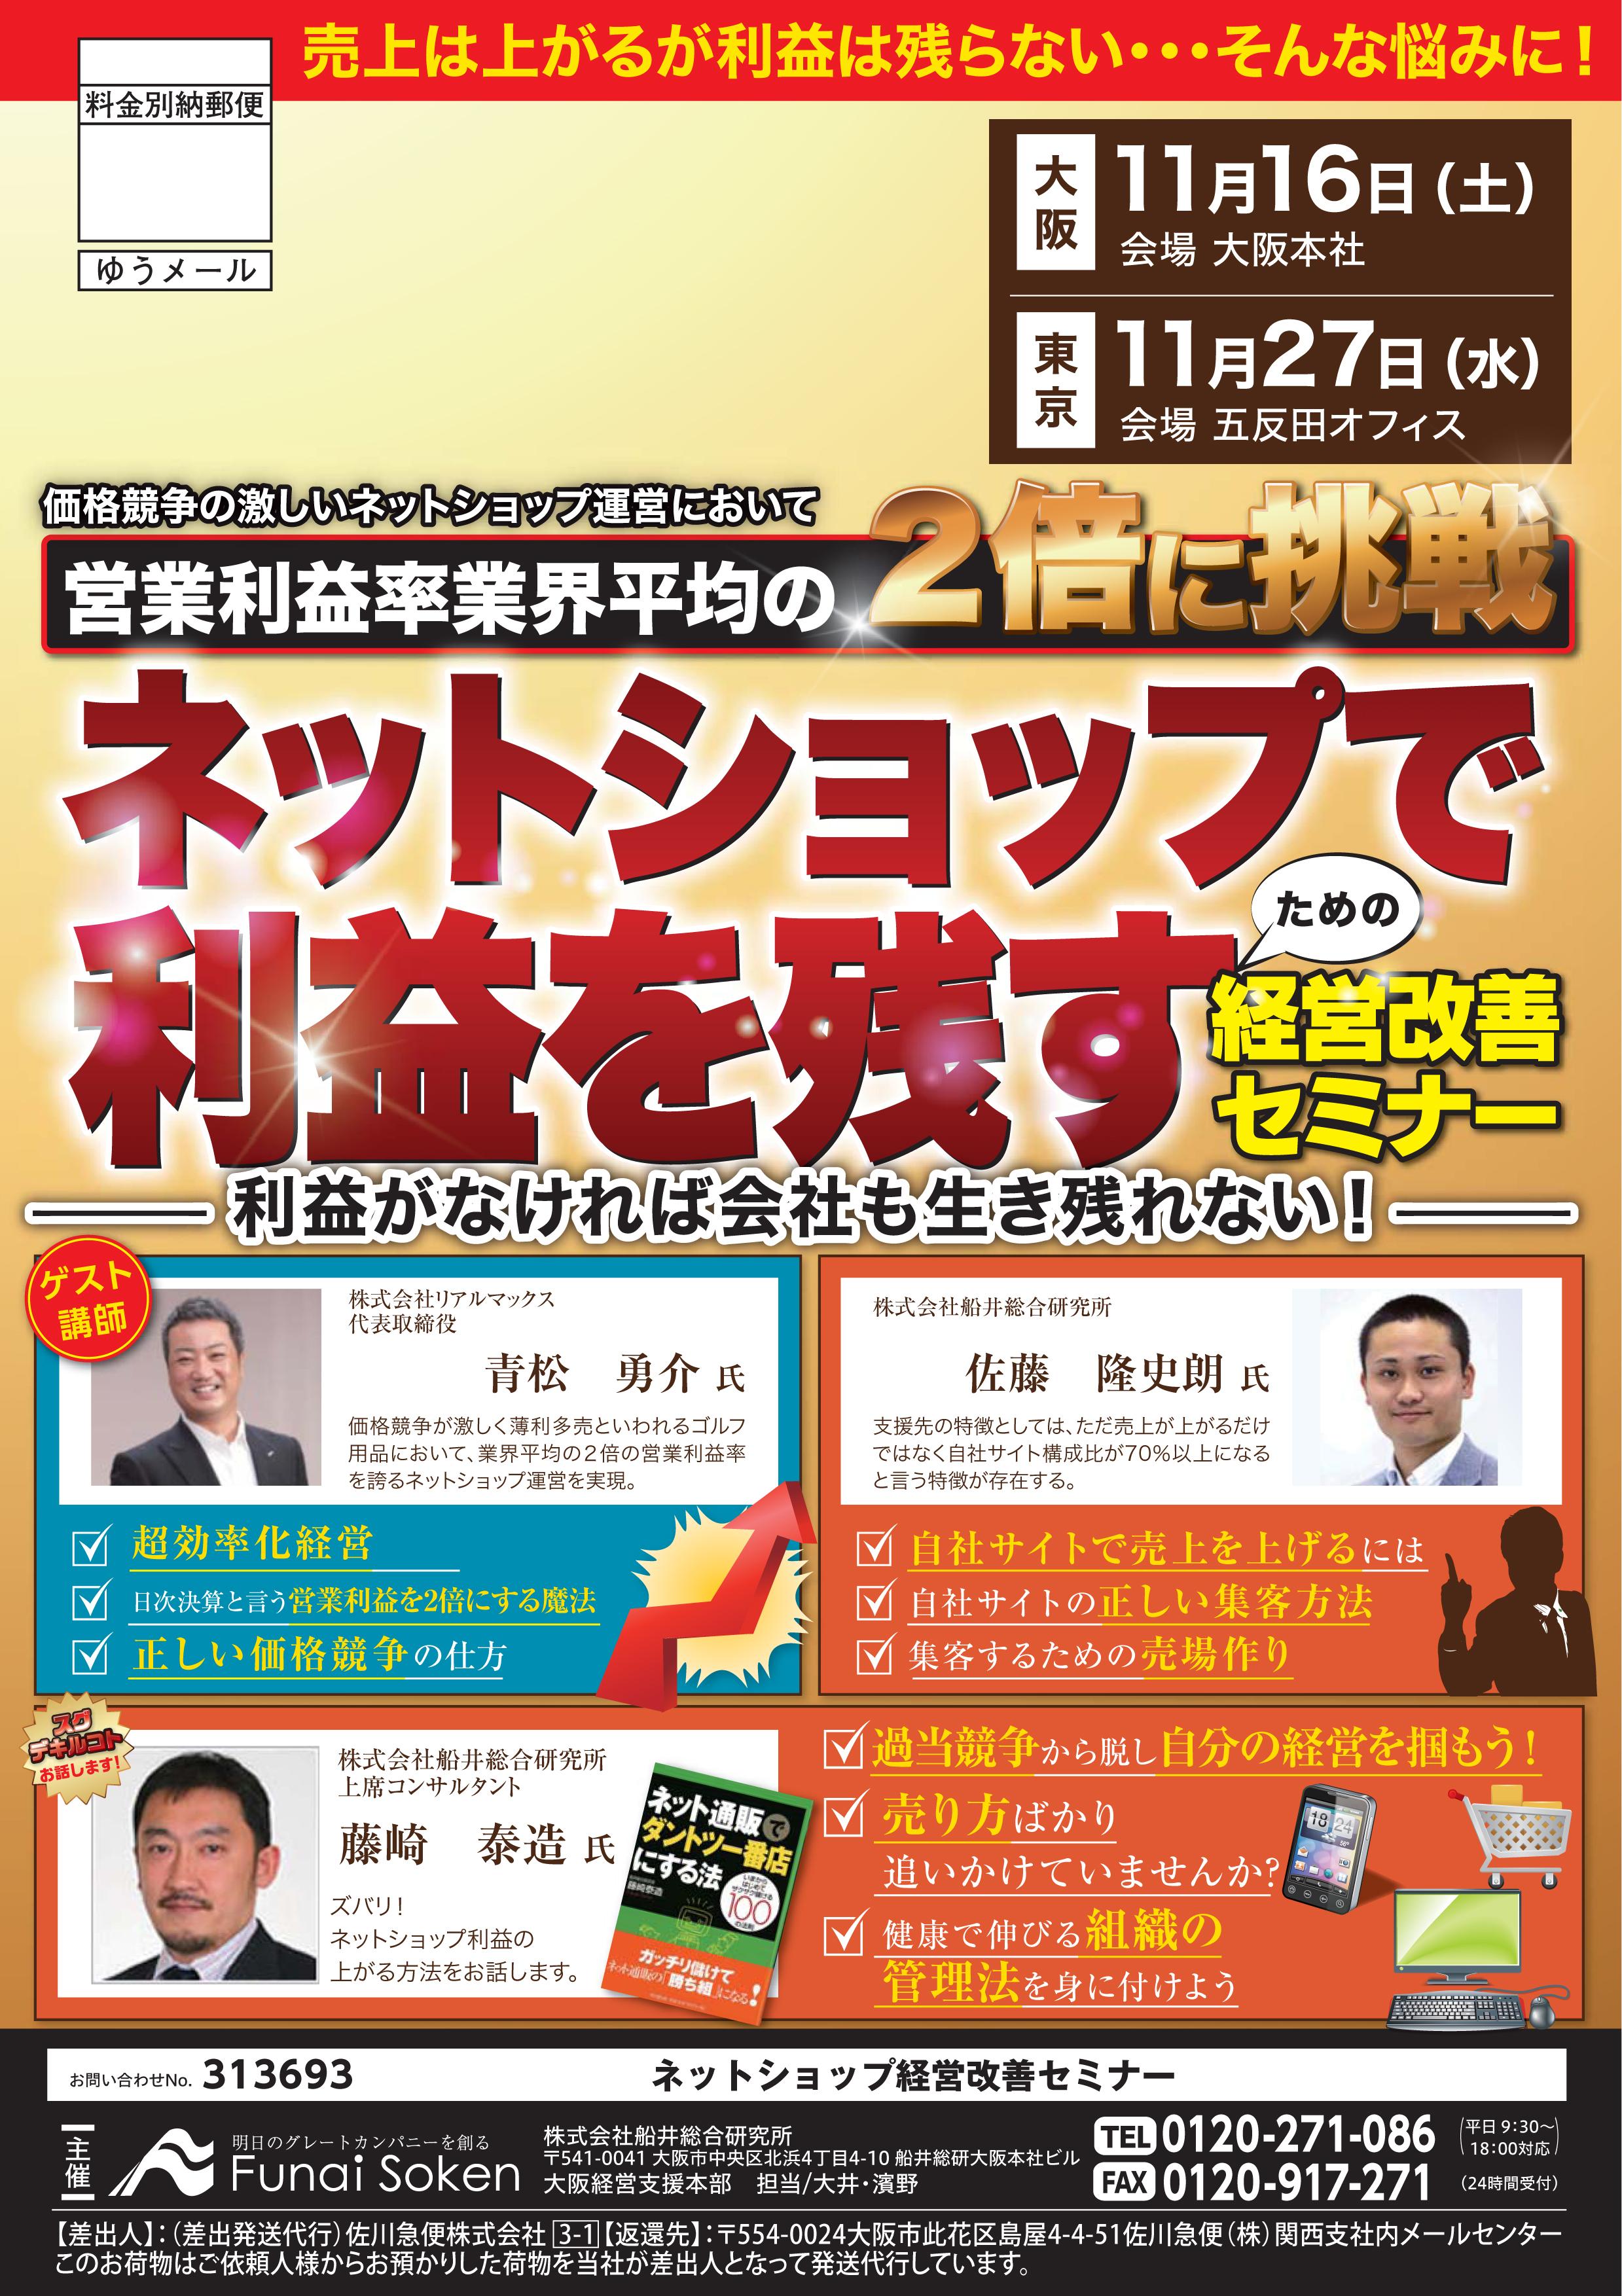 2013.11.16 大阪、11.27 東京にて船井総研にて講演『ネットショップで利益を残す』